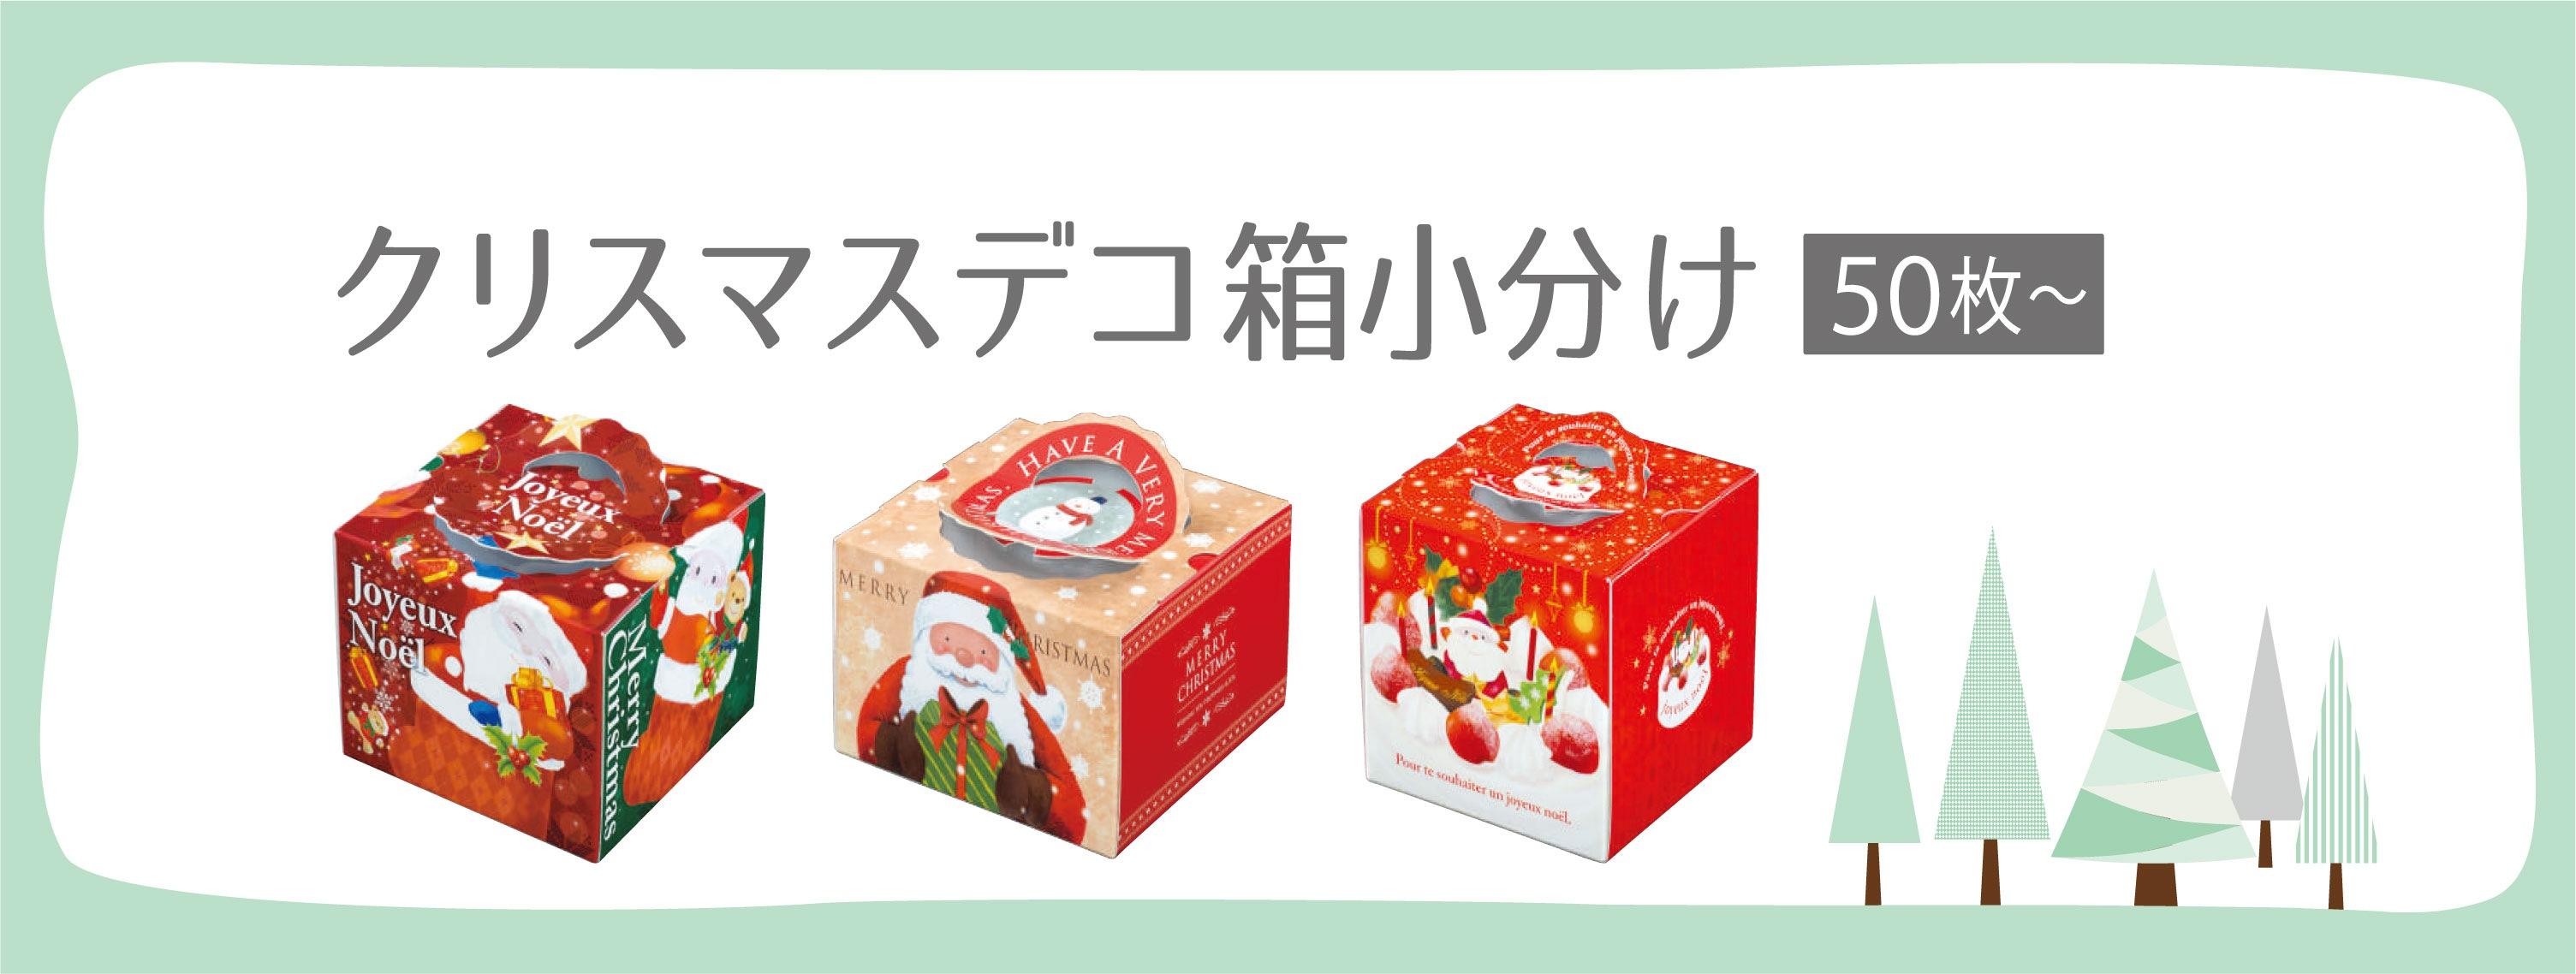 クリスマスデコ箱小分け特集